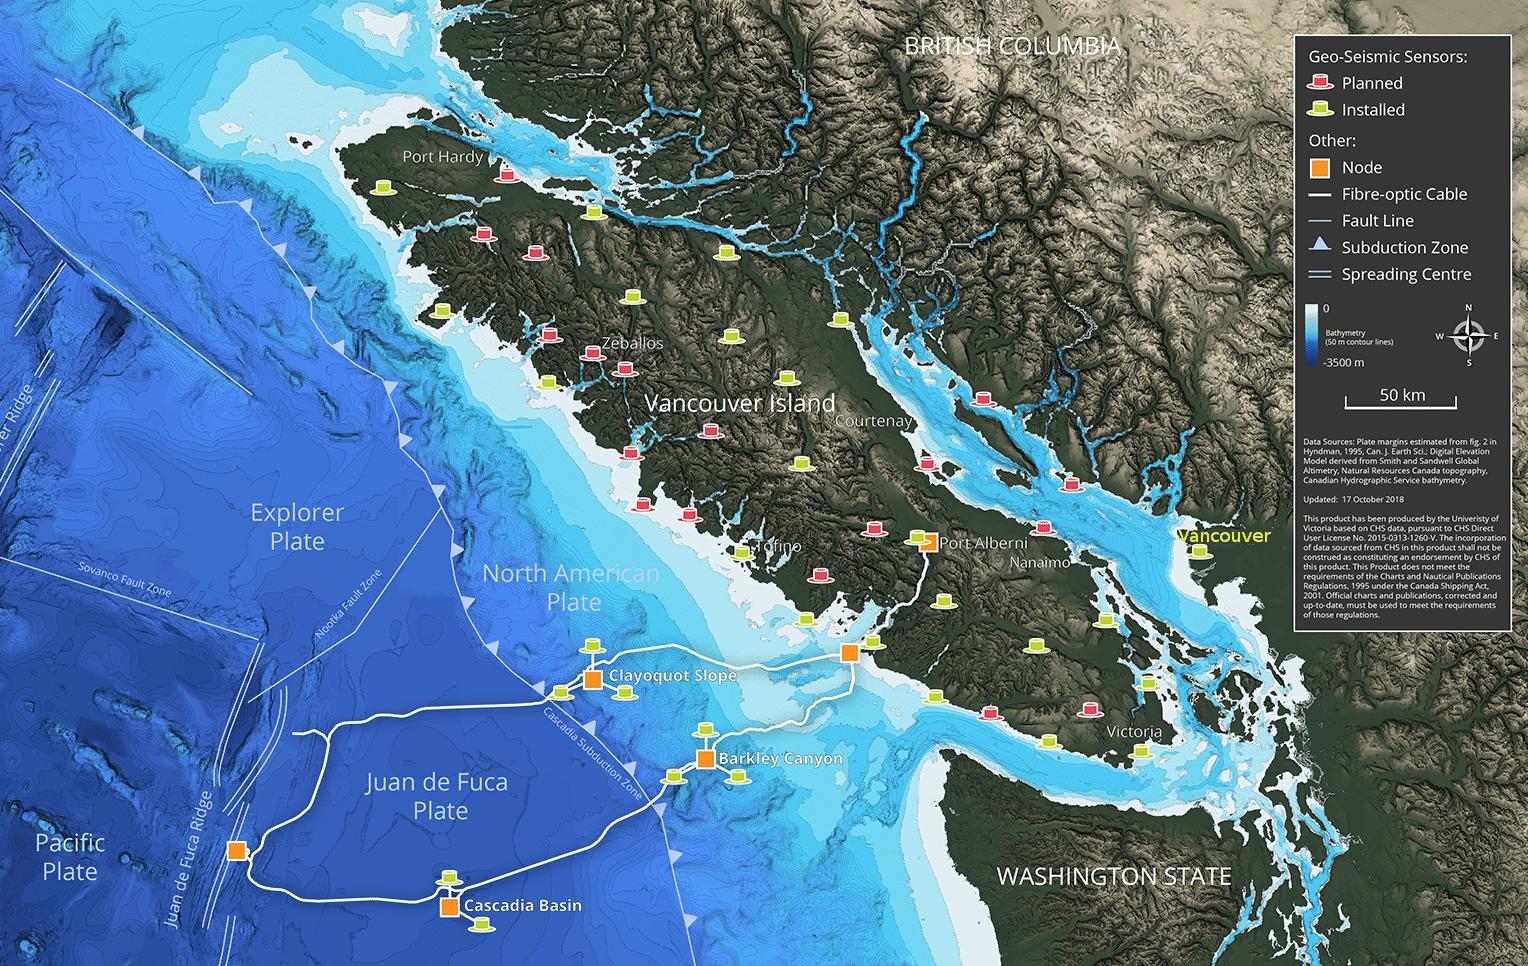 Landkarte Vancouver Islands und Umgebung, auf der Sensoren und ein Unterwasser-Glasfaserring eingezeichnet sind